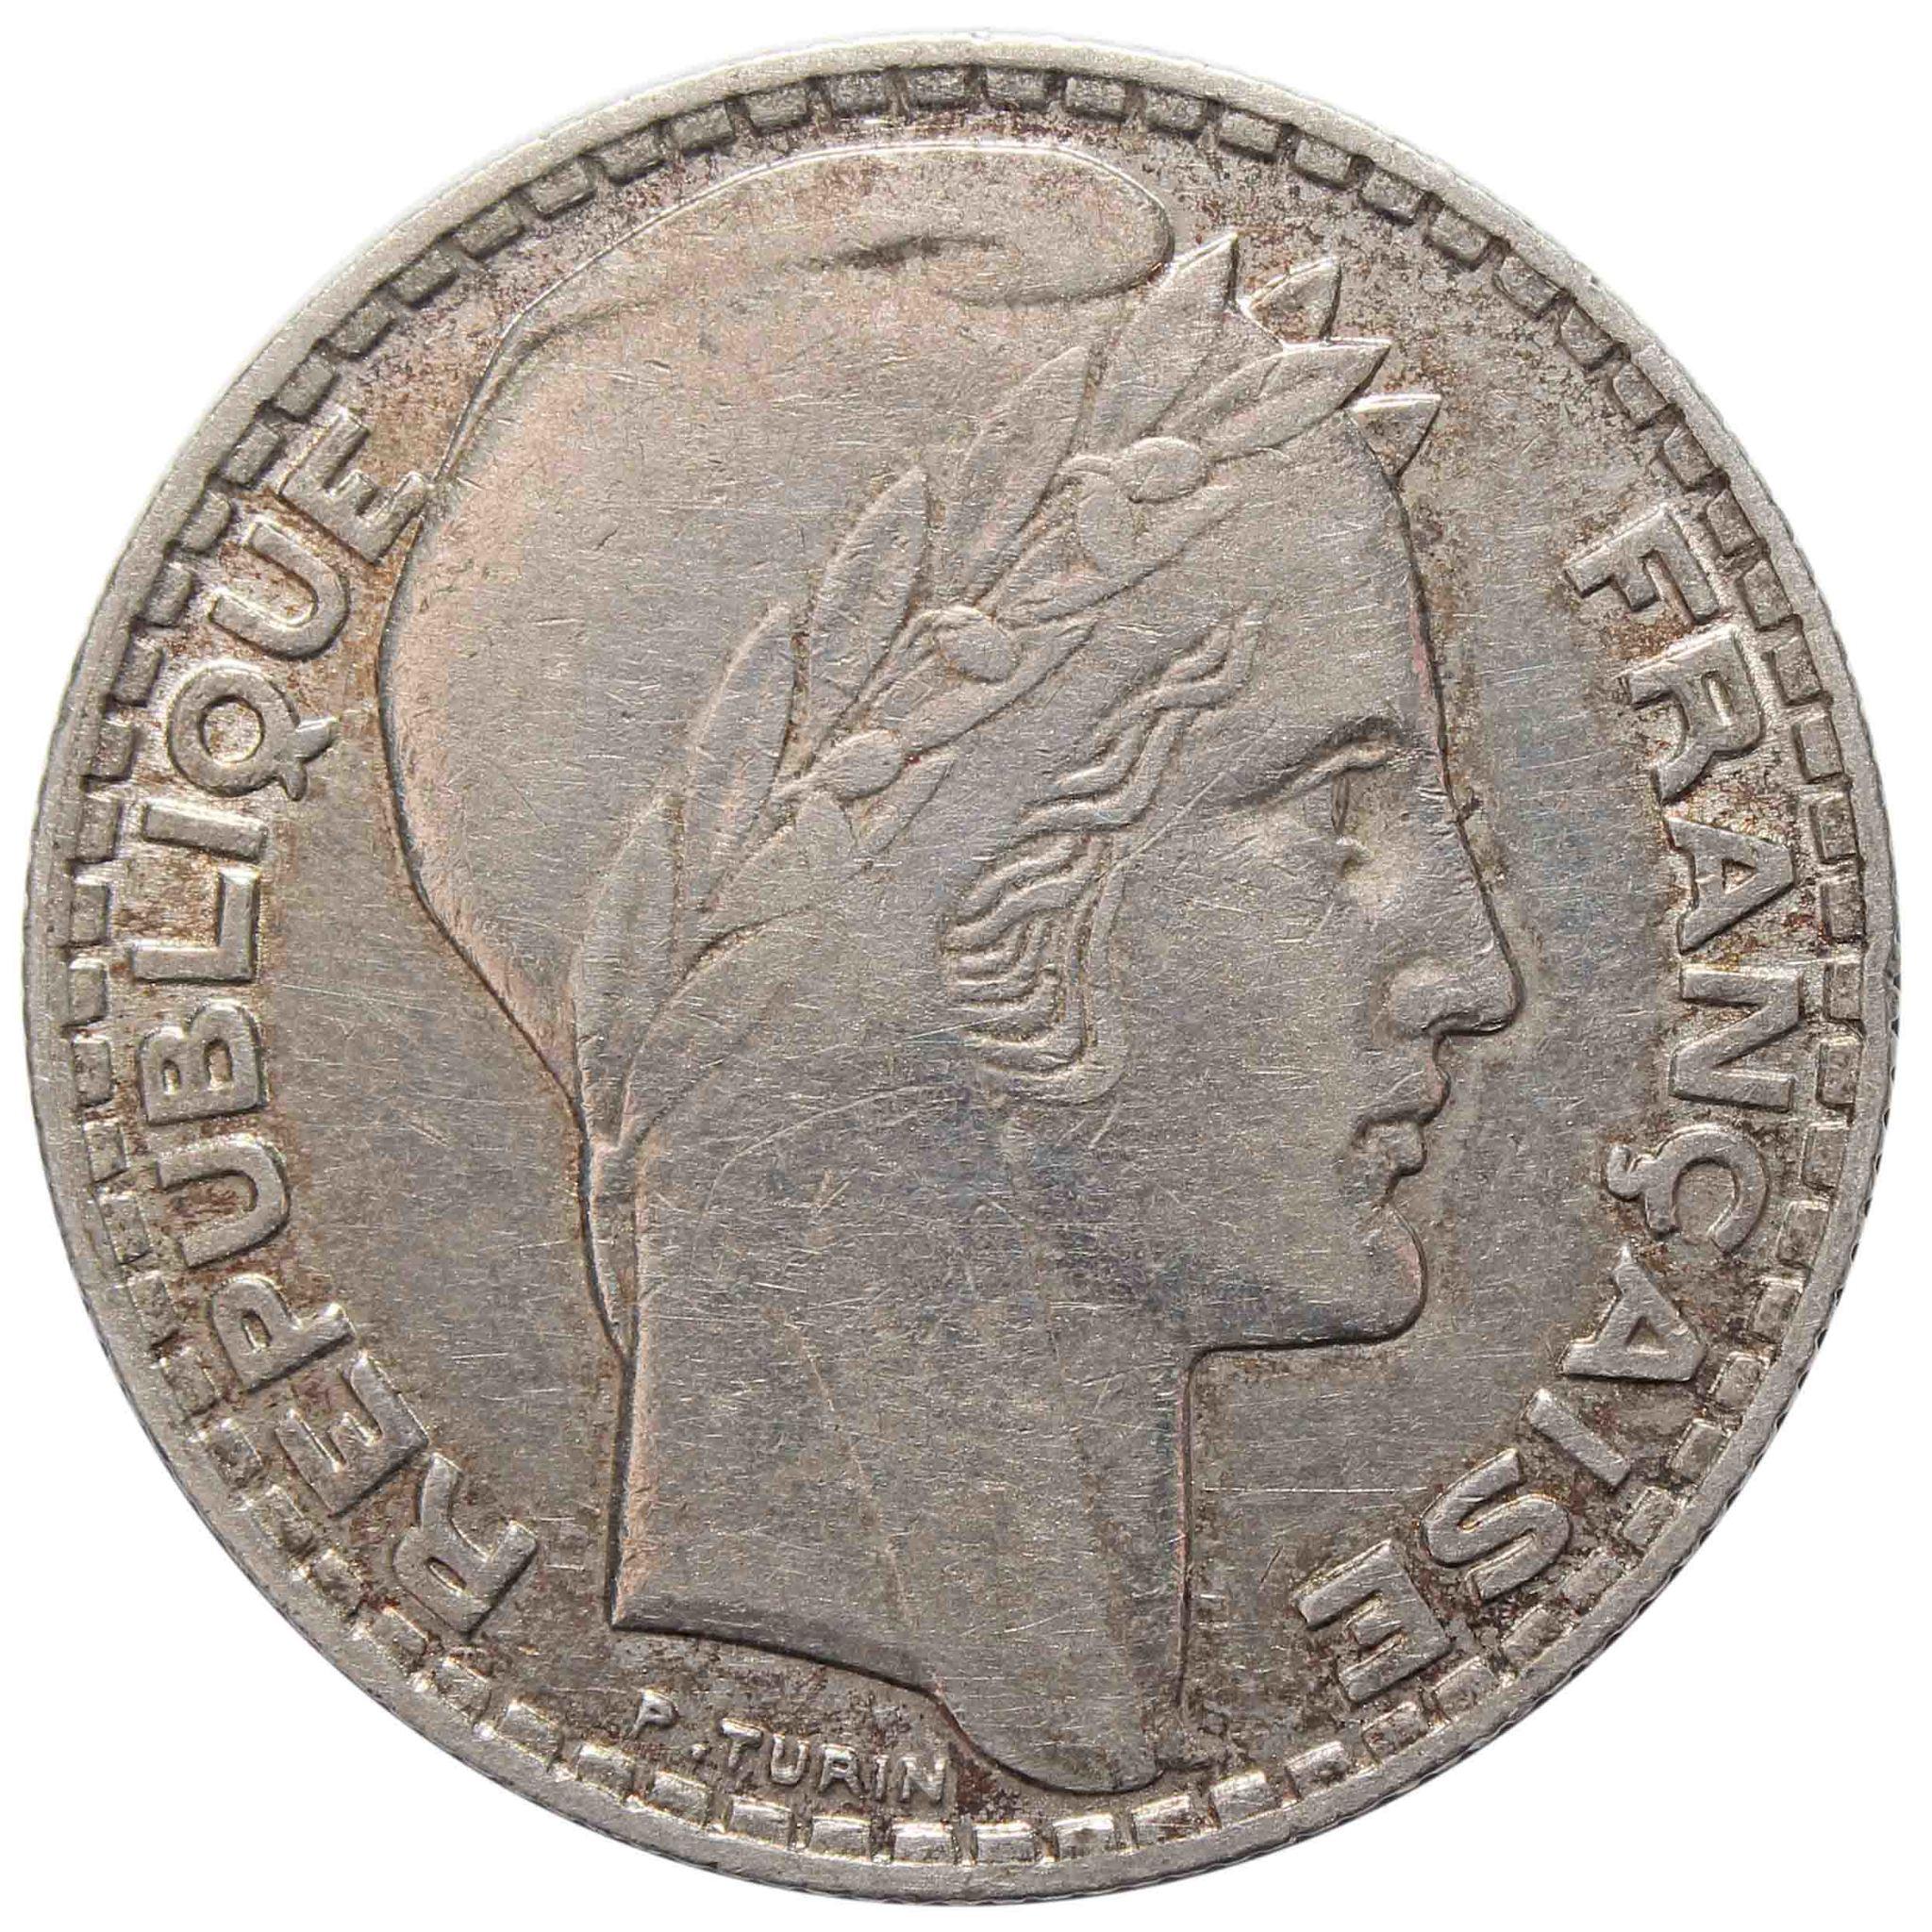 10 франков. Франция. Серебро. 1934 год. VF-XF